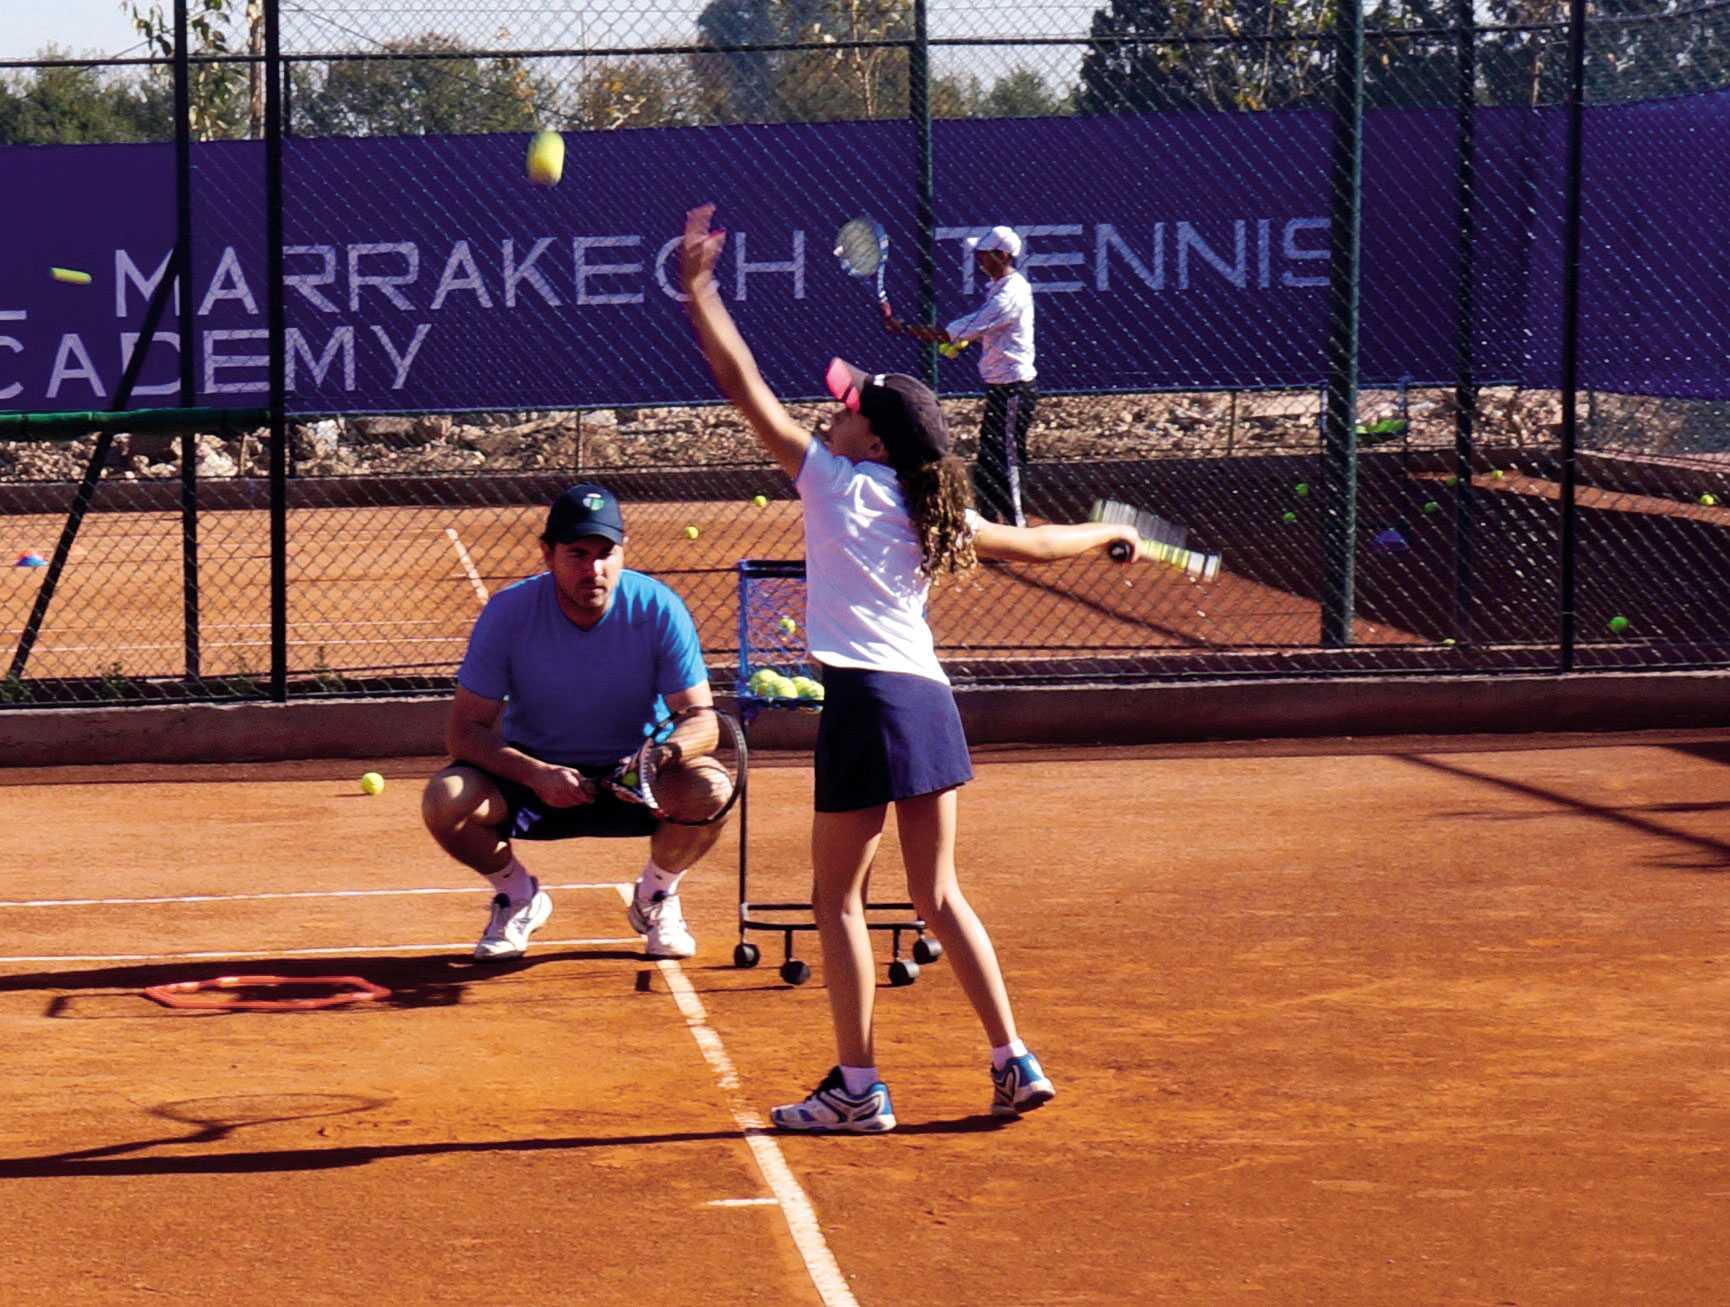 Nouvelle académie de tennis à Marrakech